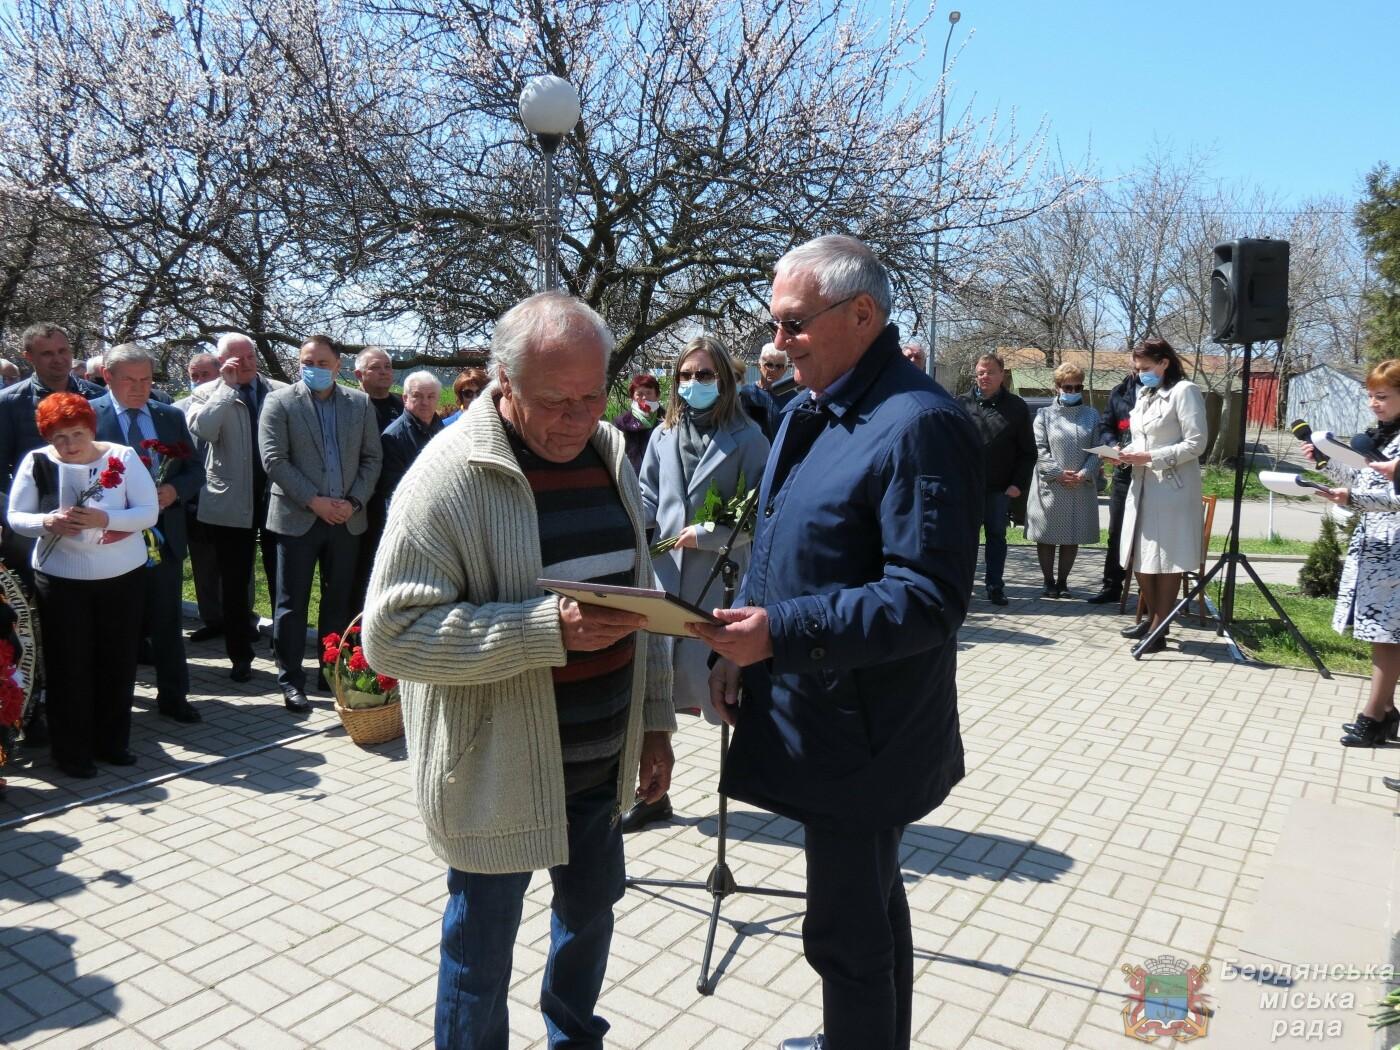 В Бердянске прошел митинг к 35-й годовщины аварии на Чернобыльской атомной электростанции, фото-7